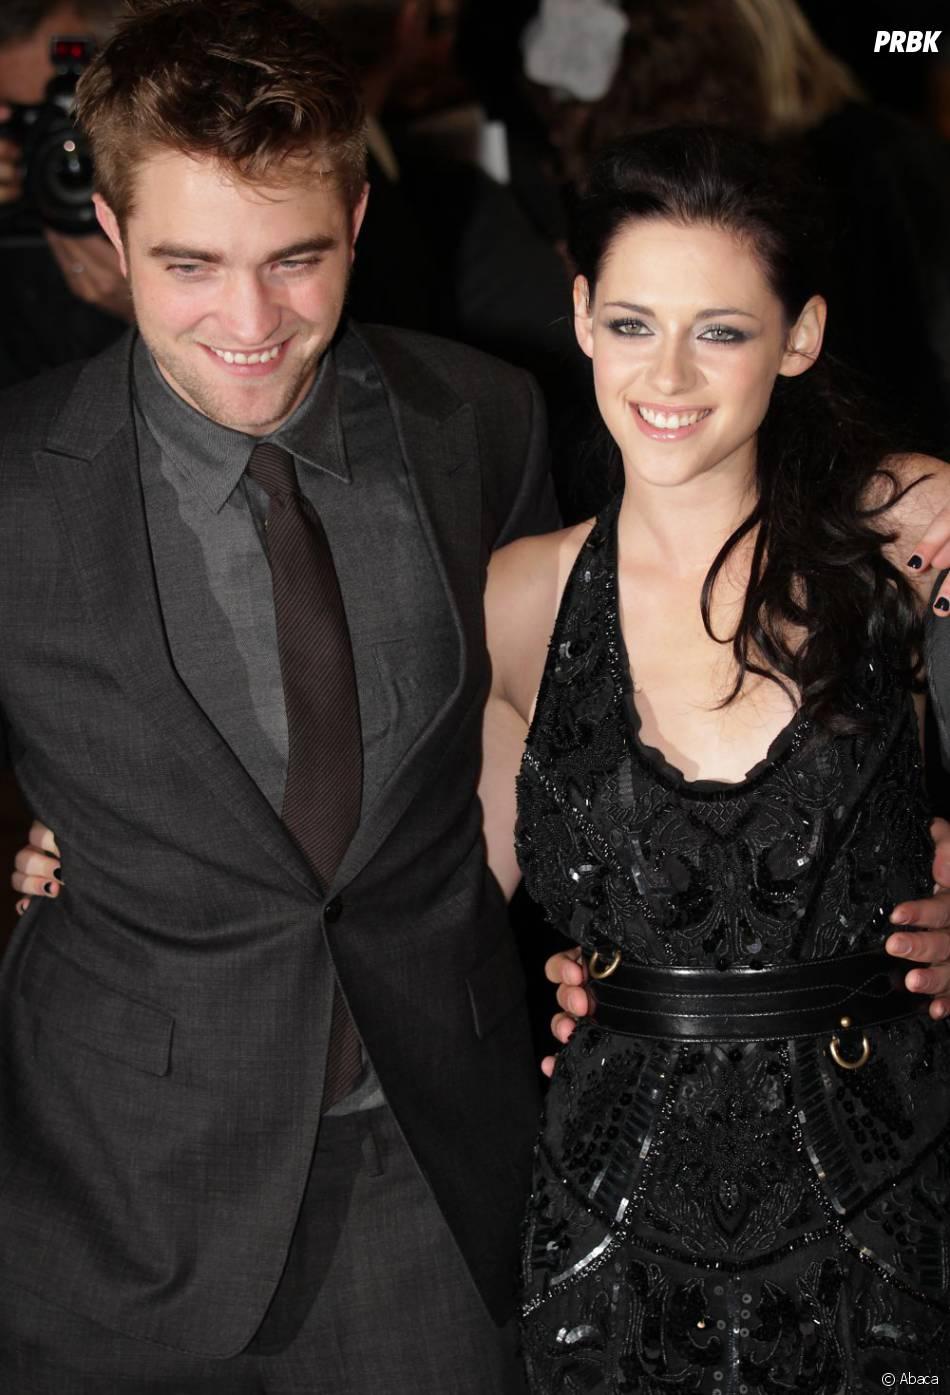 Robert Pattinson et Kristen Stewart ont, eux, tourné la page